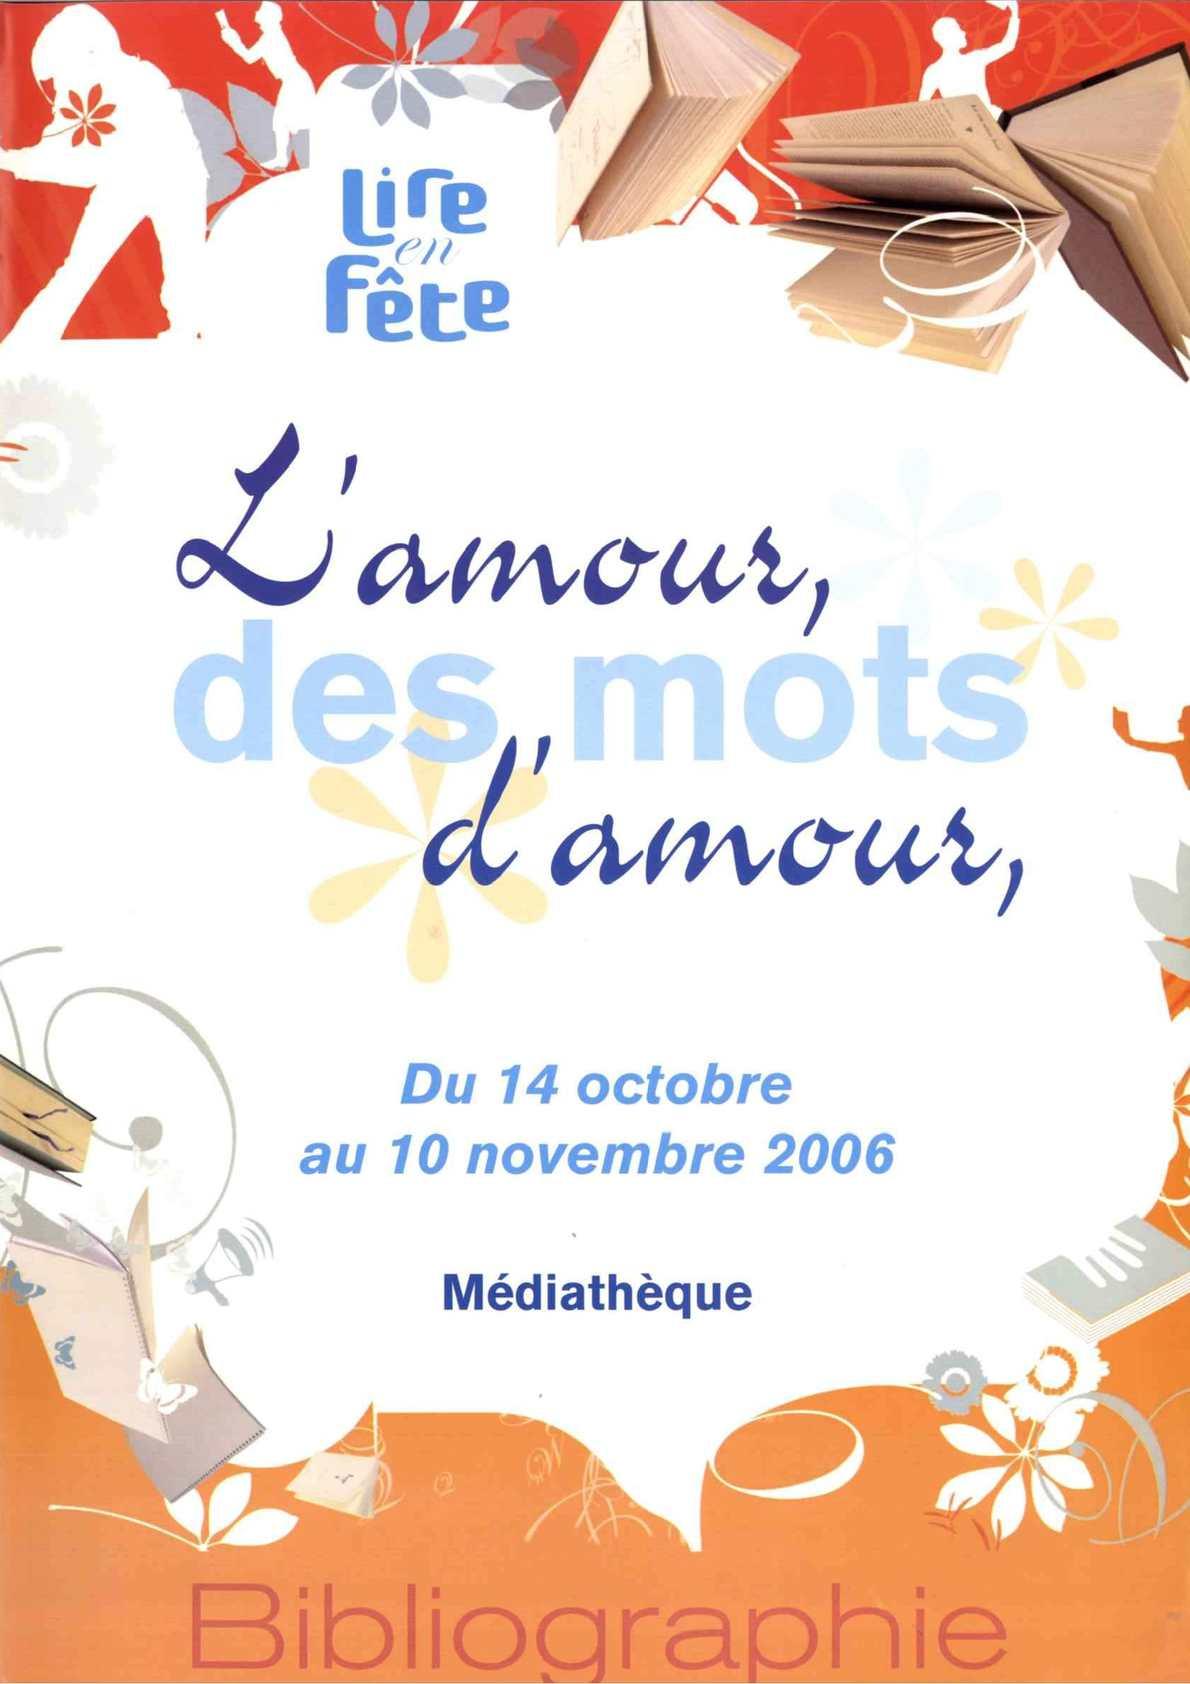 Calam o l 39 amour des mots d 39 amour - Mediatheque saint hilaire de riez ...